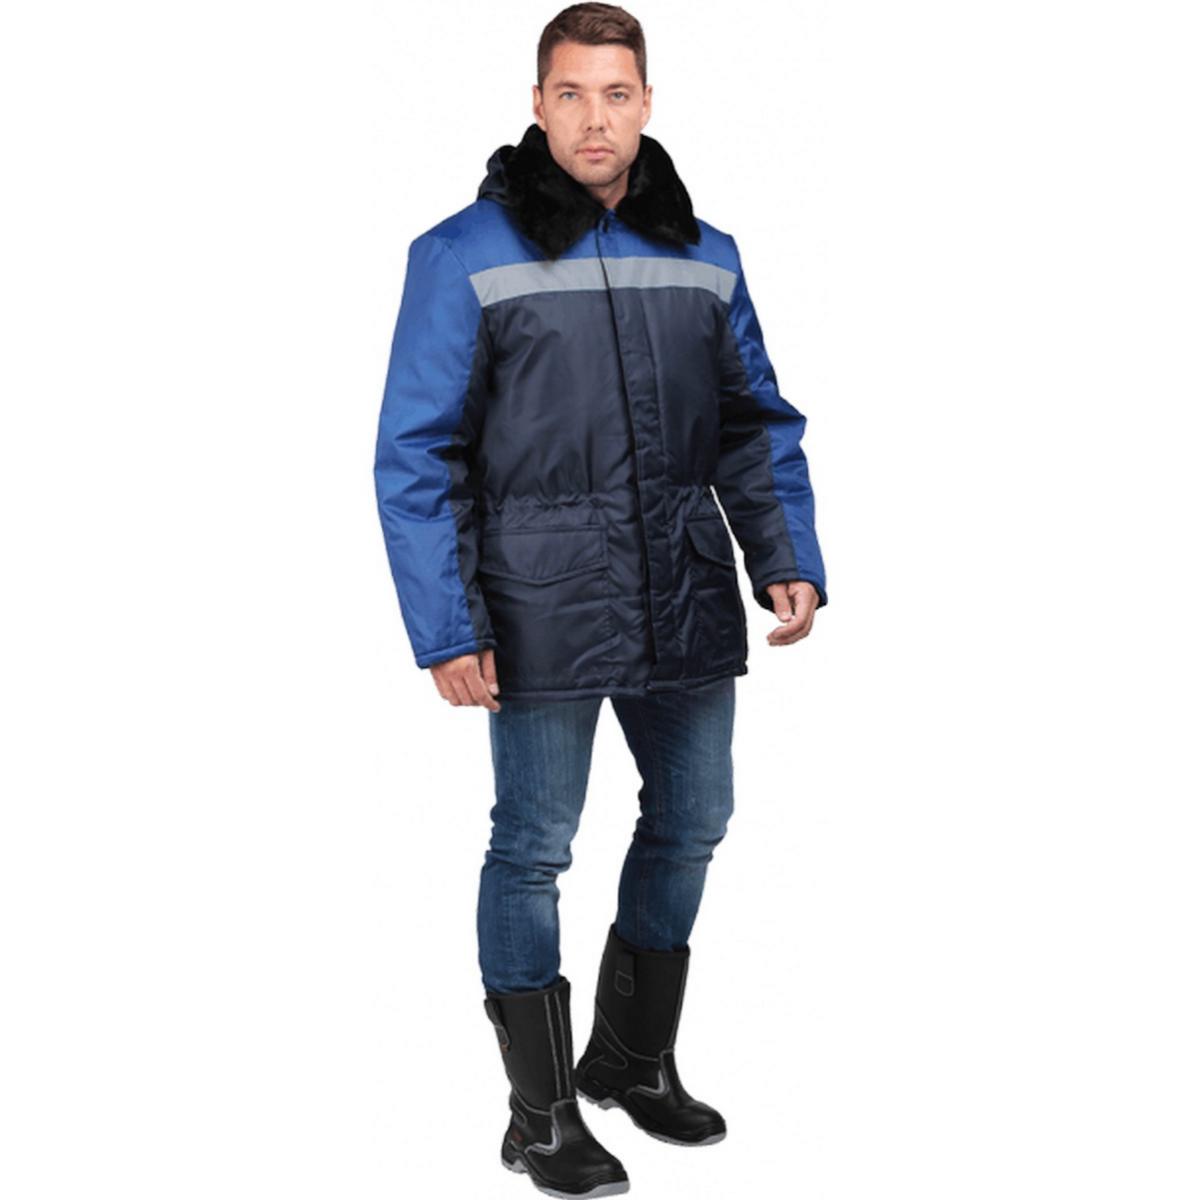 Куртка РЕГИОН утепленная т/синий-василек (разм. 96-100 рост 182-188)